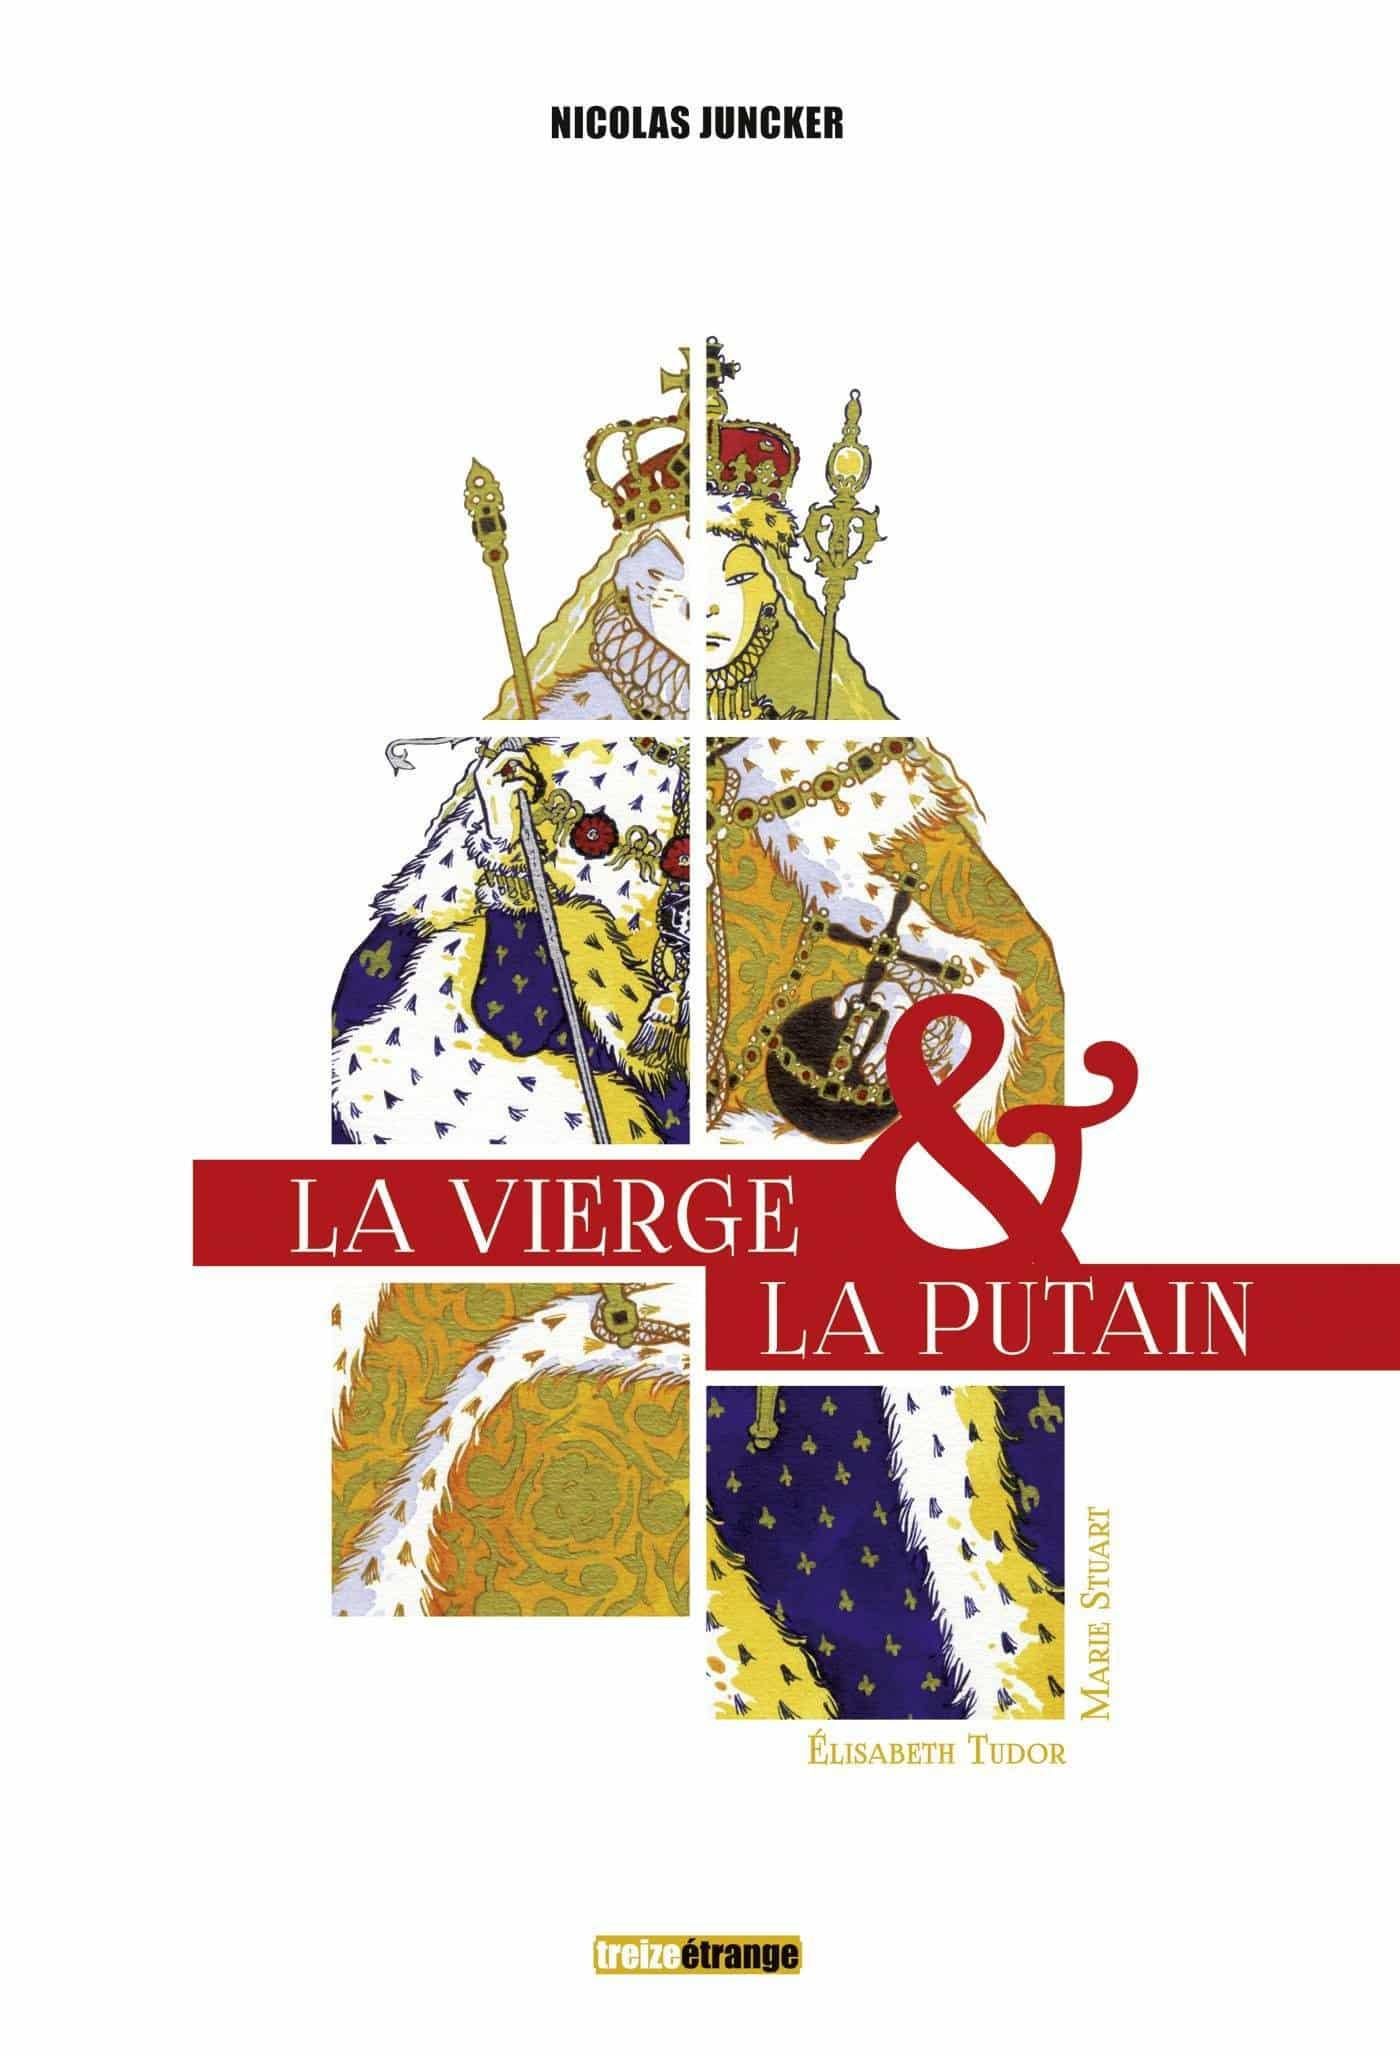 Le premier Prix Cases d'Histoire à La Vierge et la Putain de Nicolas Juncker